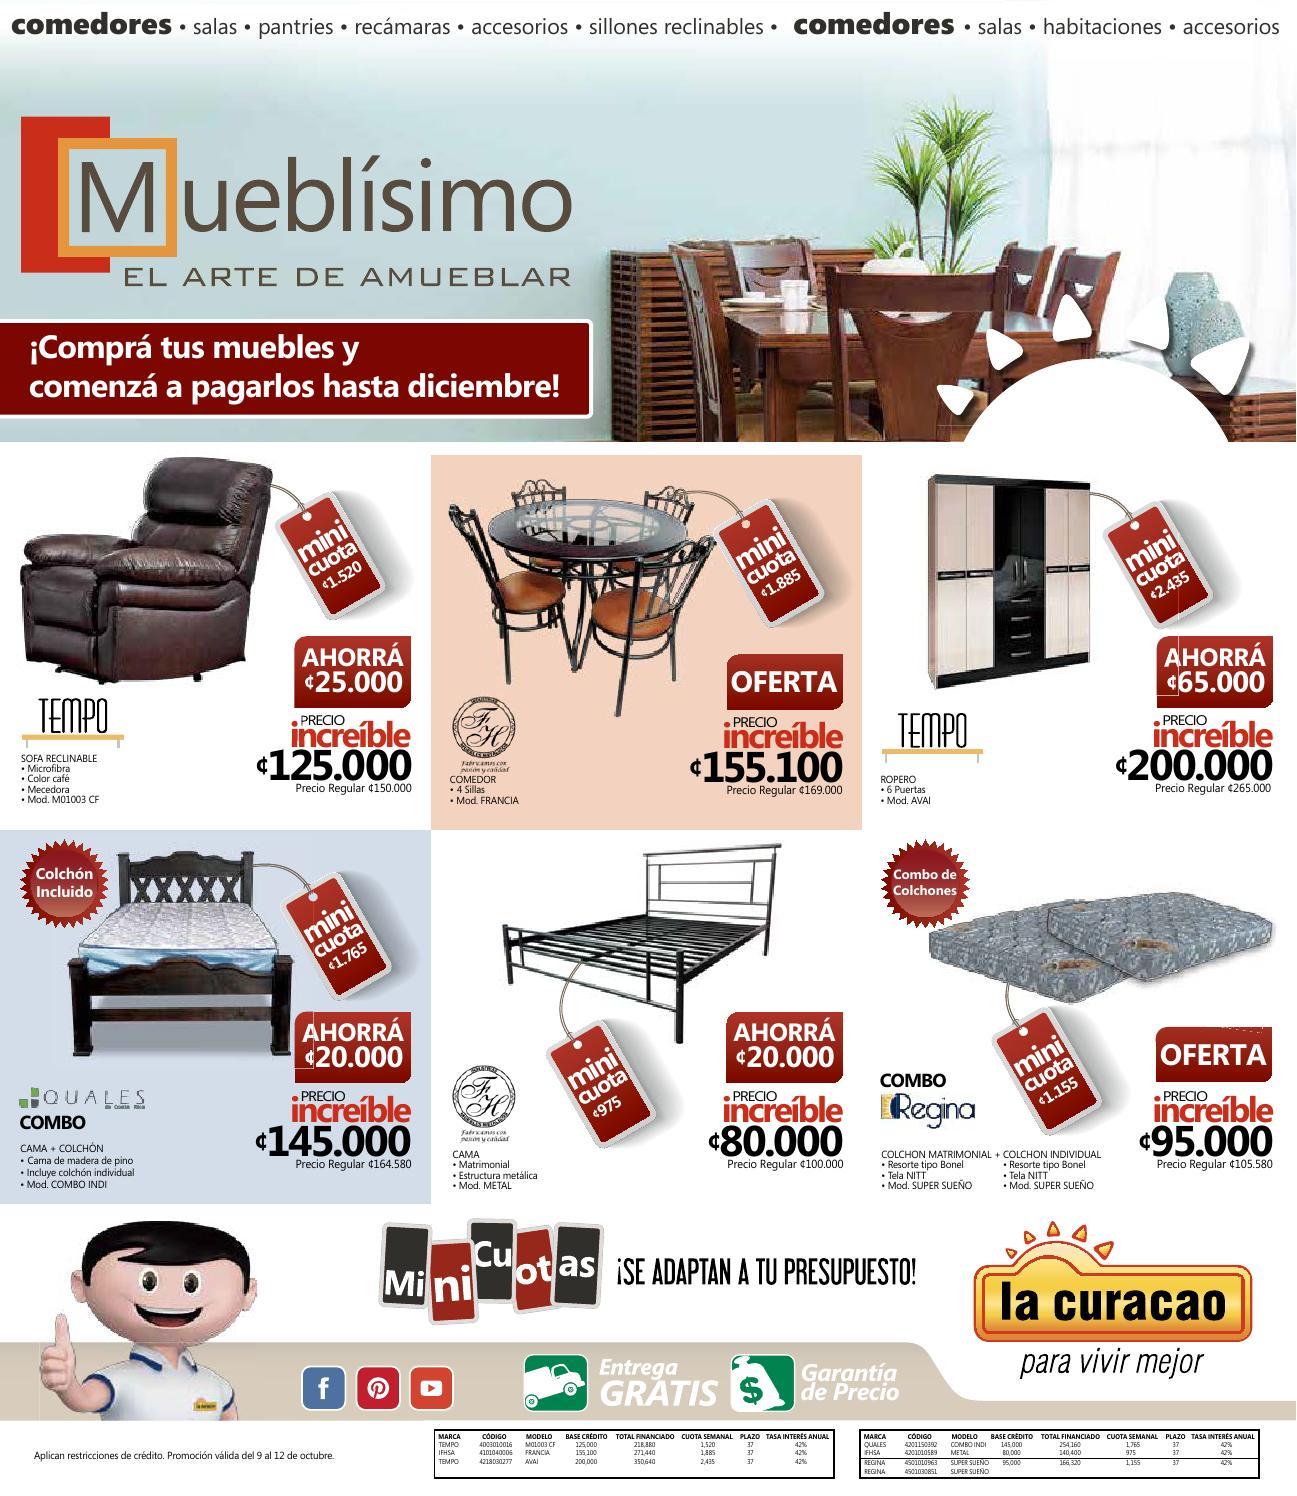 Muebl smo la curacao by la curacao cr issuu - Muebles el mogollon ...